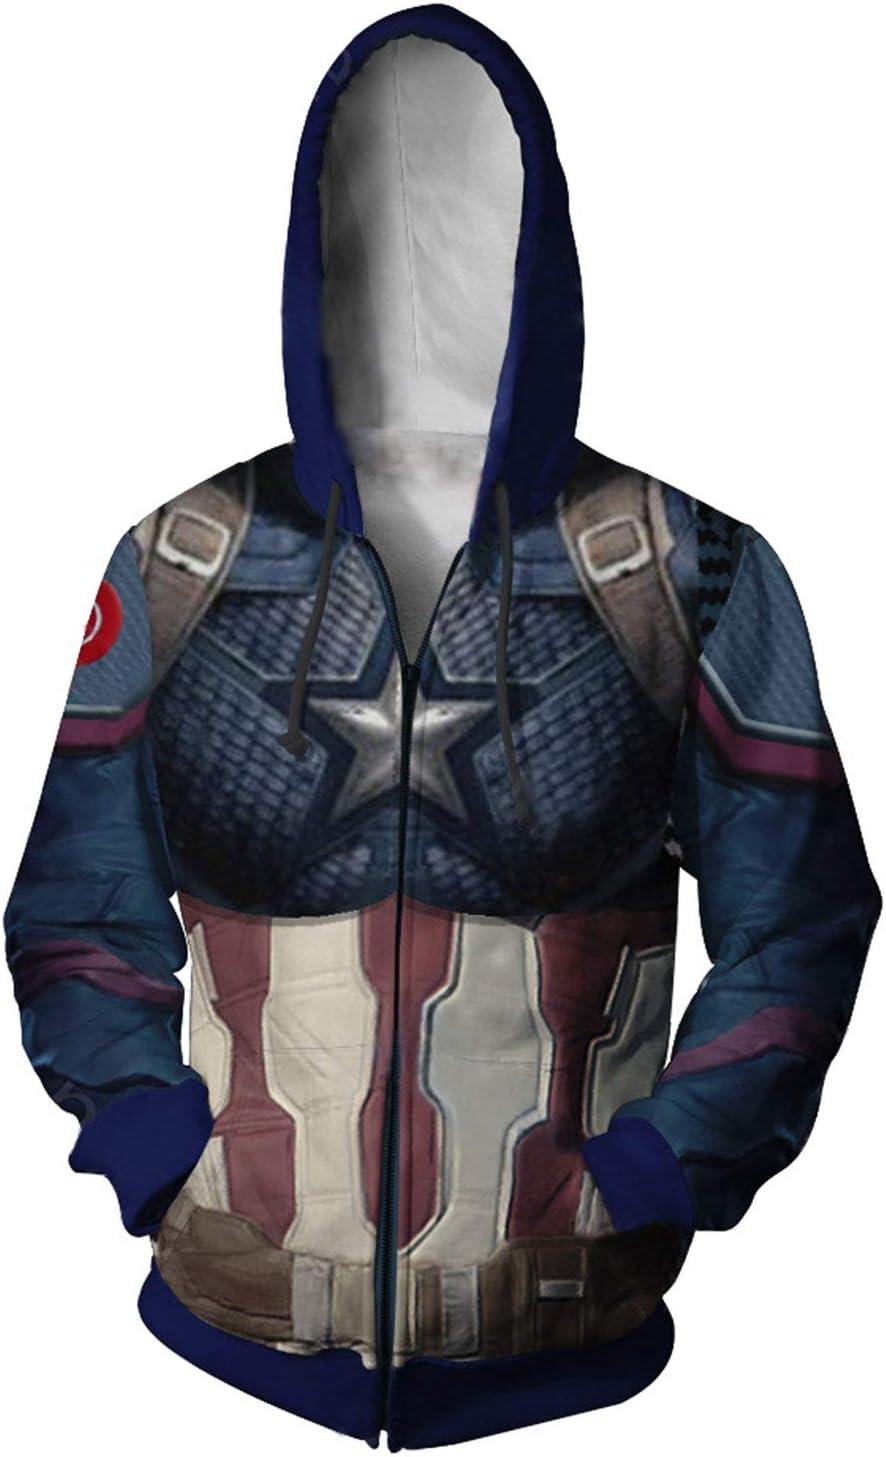 Signori Porta da Stampare Giacca Camicia del Maglione Outwear Felpe Jumper Avengers Endgame Quantum Warfare Quantenkrieg Uniforme Captain America Fish Scales